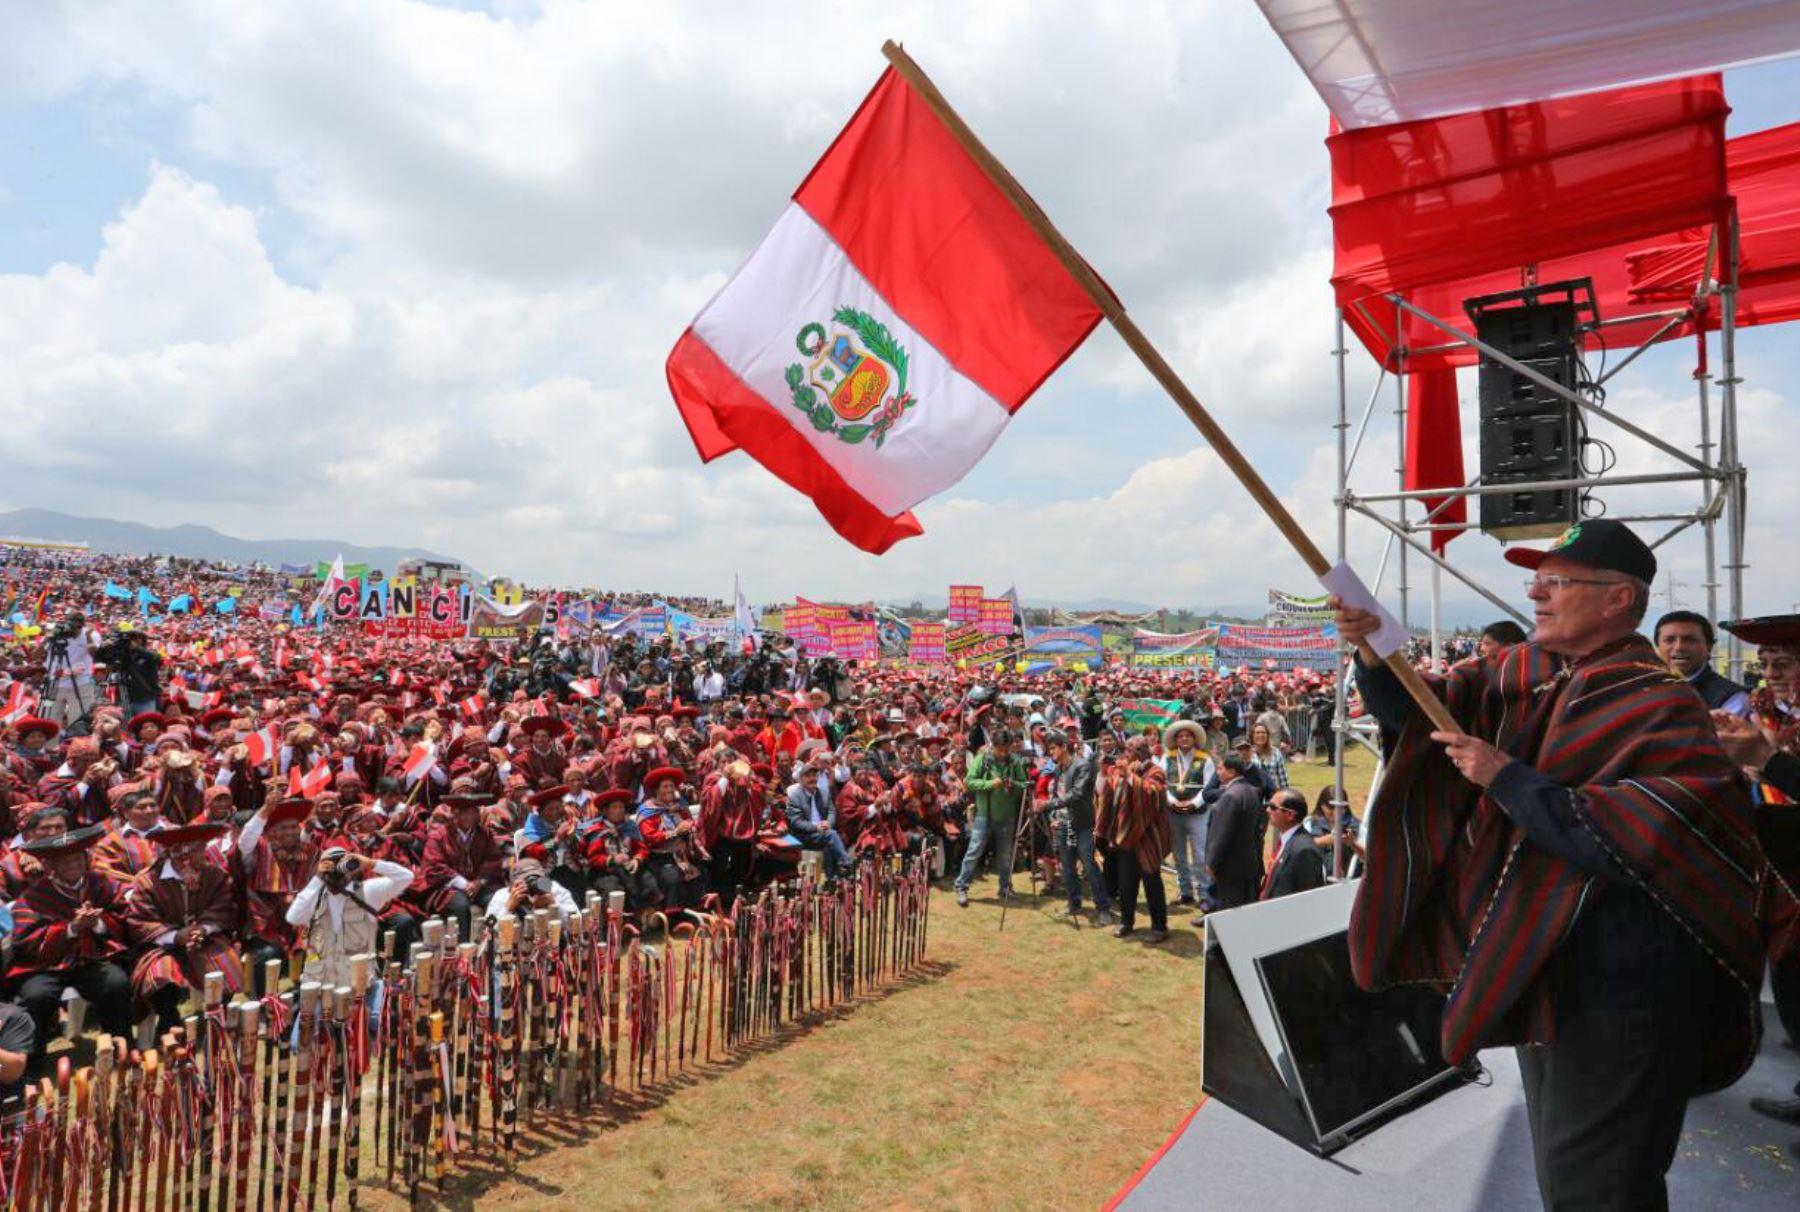 INAUGURACIÒN. El presidente Pedro Pablo Kuczynski viajó expresamente al Cusco para firmar la adenda al contrato de Chincheros, a pesar de las críticas sobre su conveniencia.